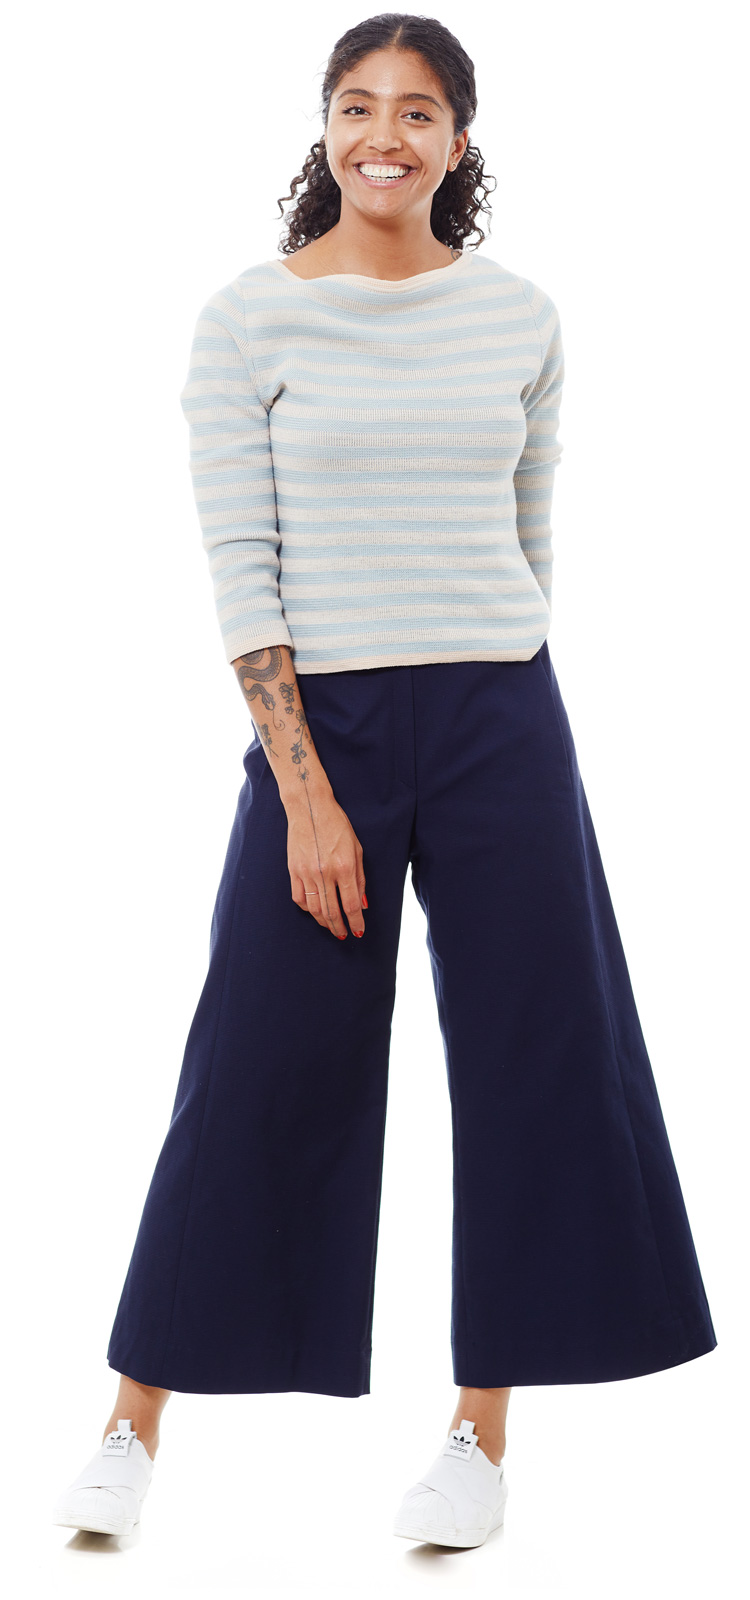 Culotte Catsfield blau